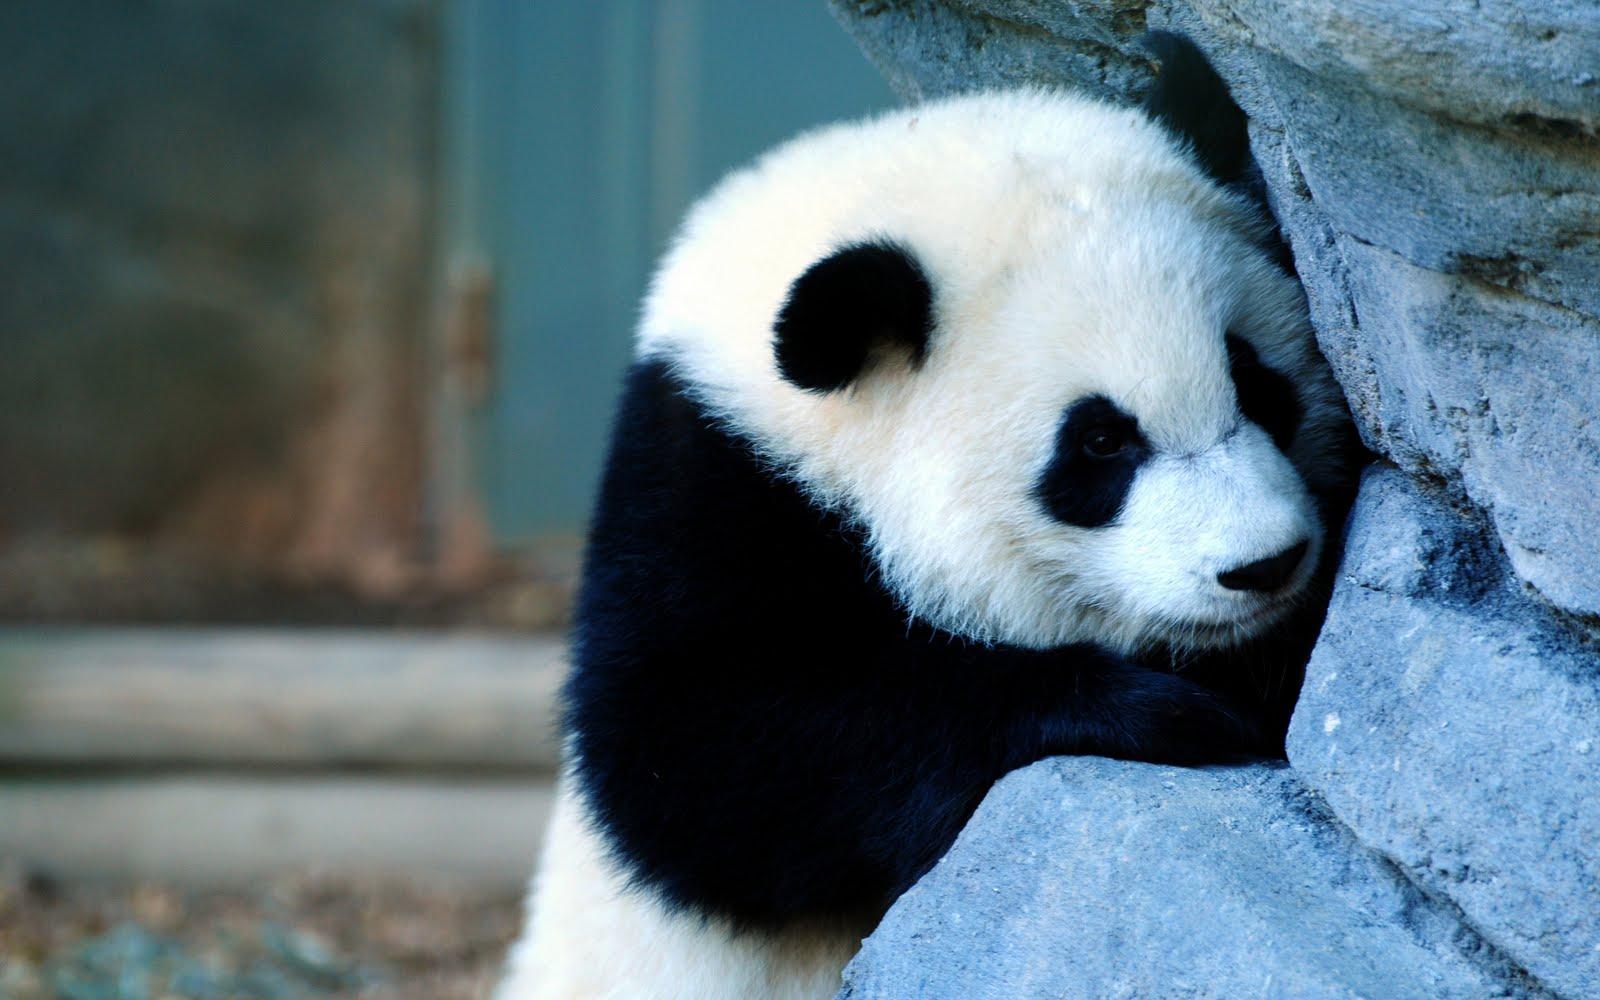 http://2.bp.blogspot.com/-4YdlHMPJ58s/Tz__zI1qVrI/AAAAAAAADYk/fdWA8TbUTSE/s1600/Baby+Panda+wallpaper+4.jpg